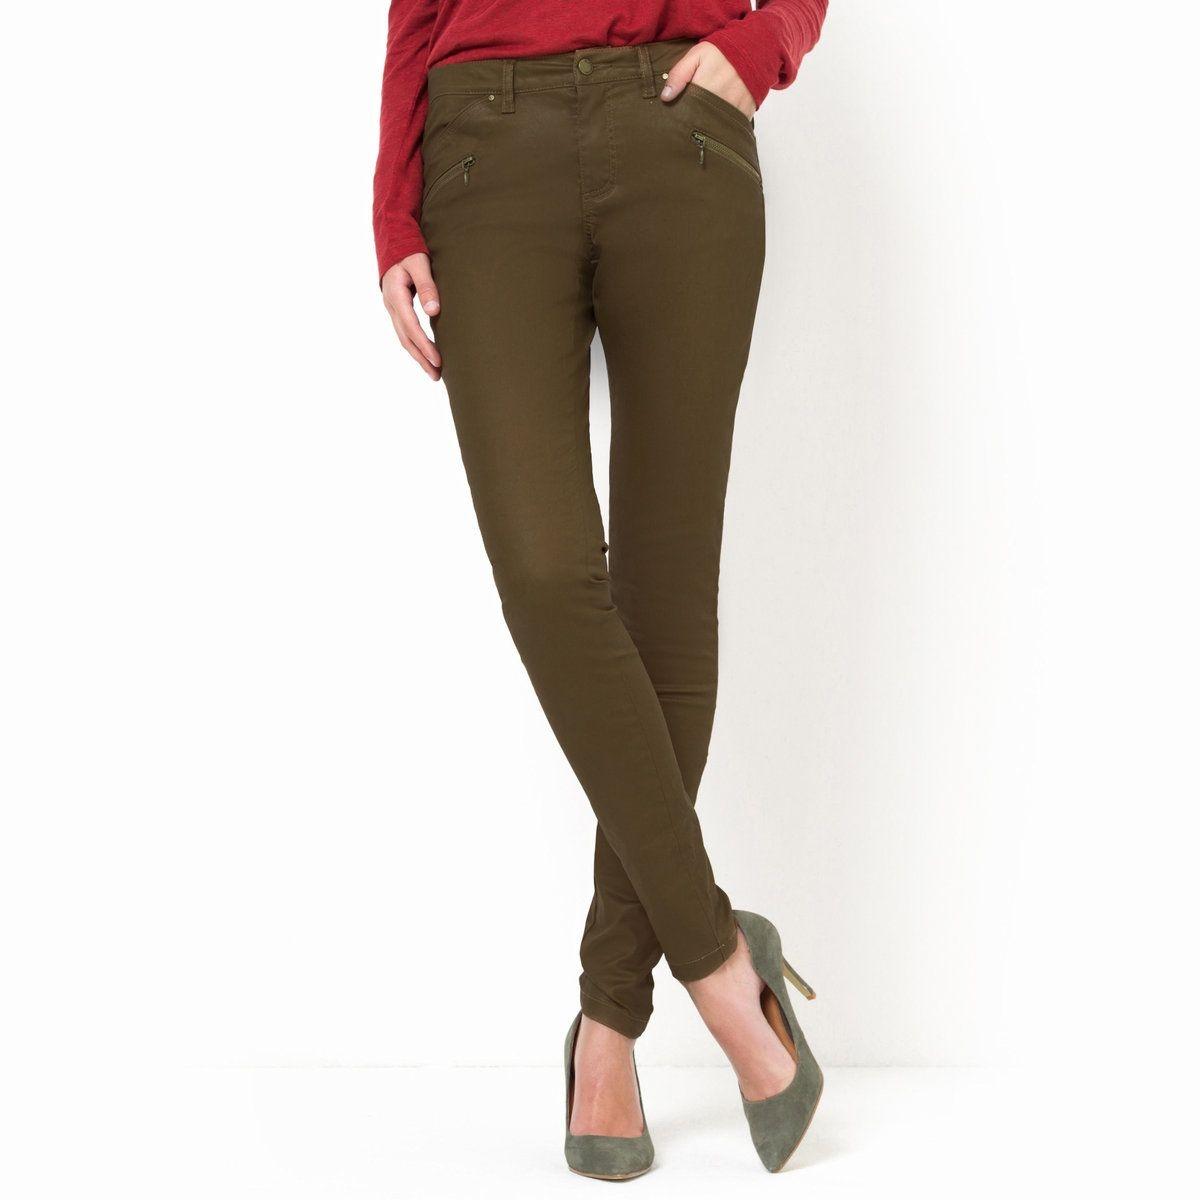 Pantalon skinny 5 poches, coton stretch enduit